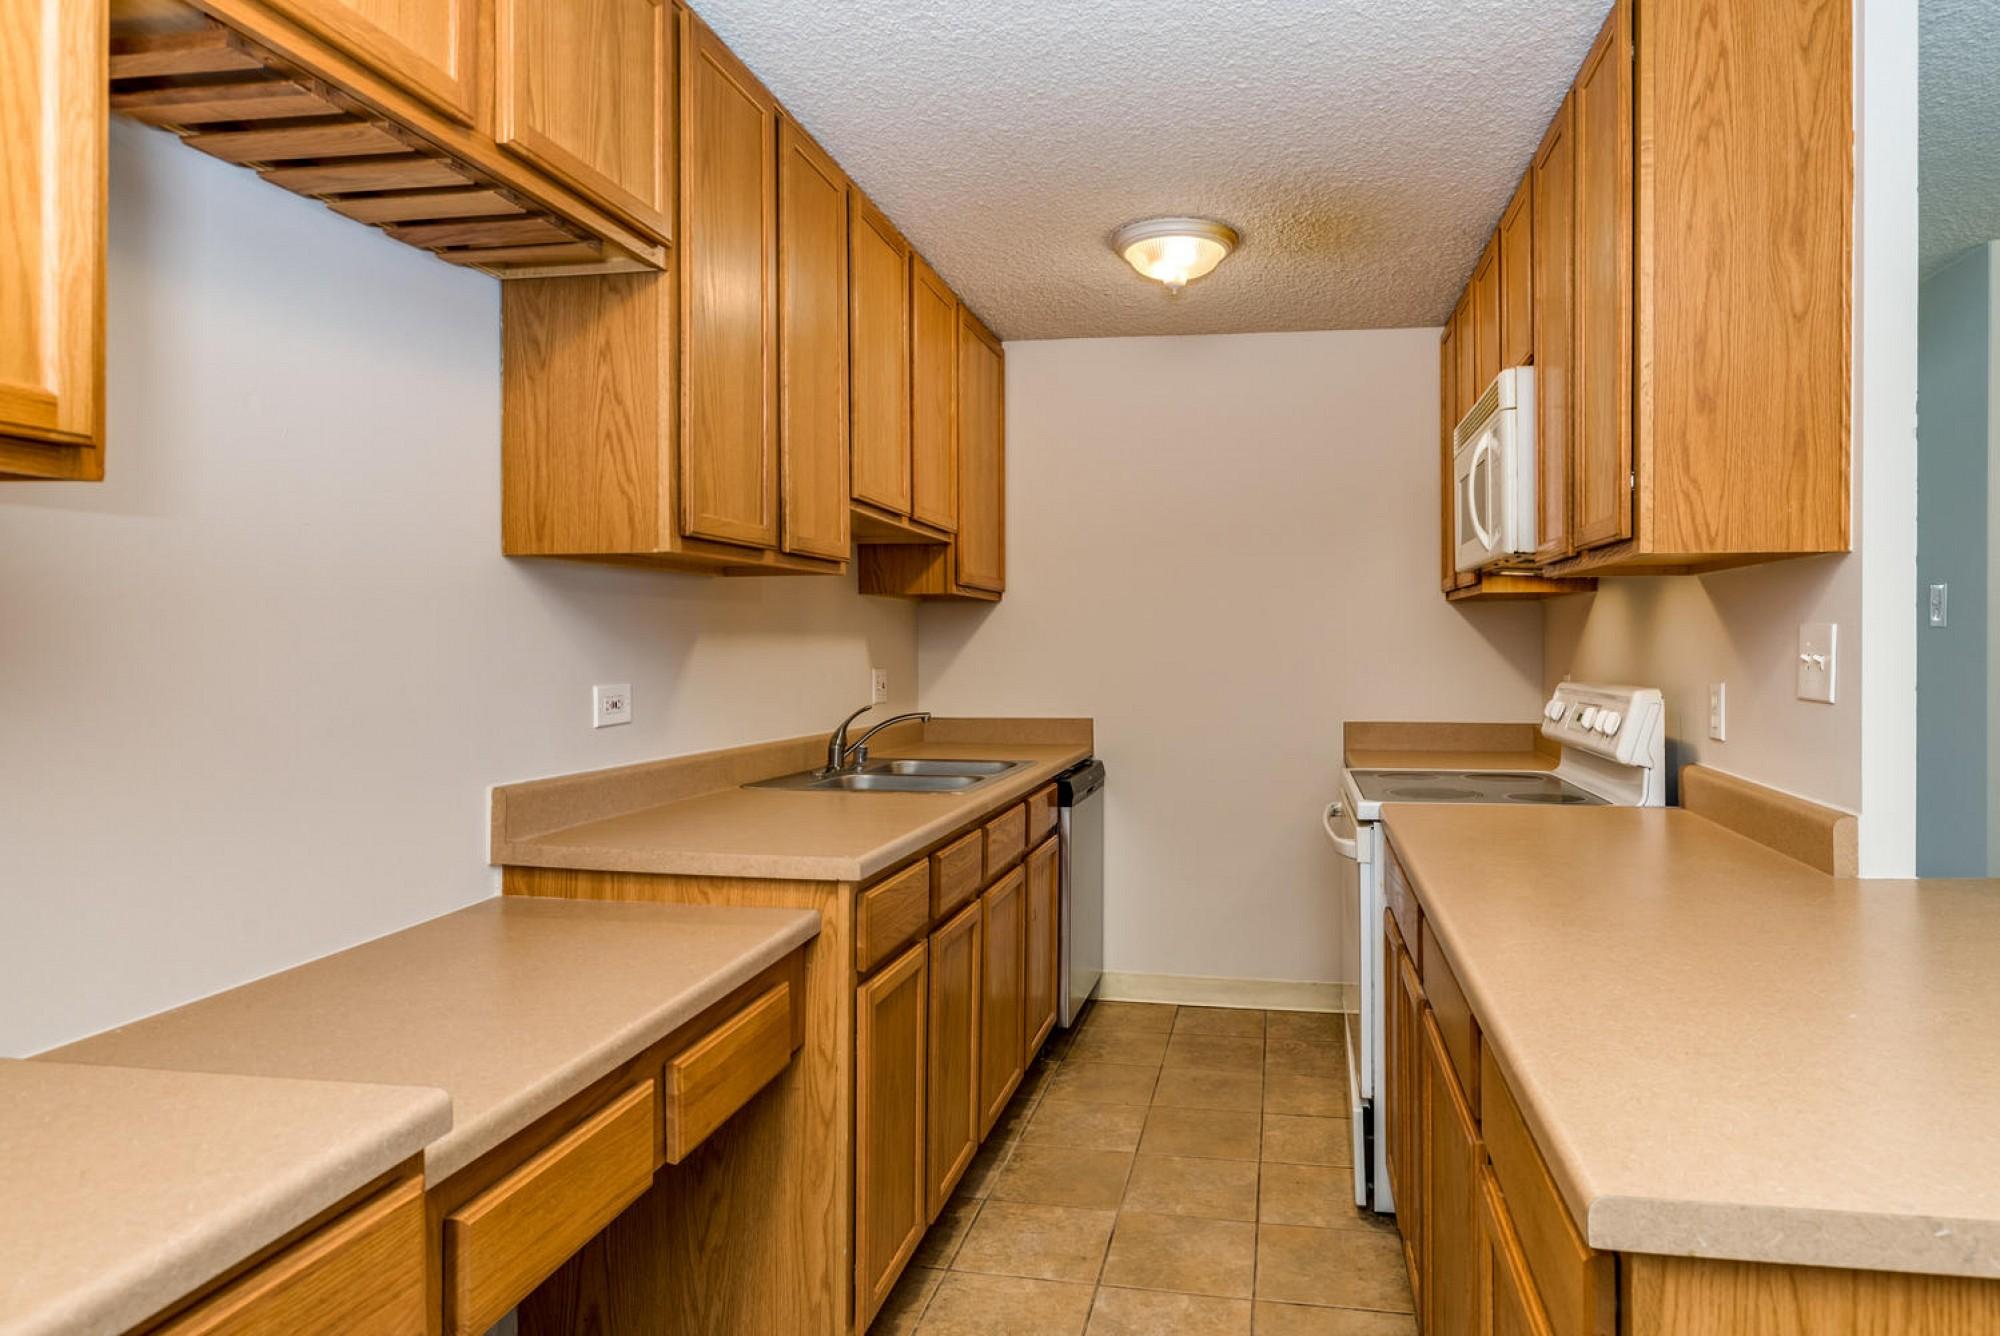 2225 Buchtel Blvd, Unit 201, Denver, CO 80210